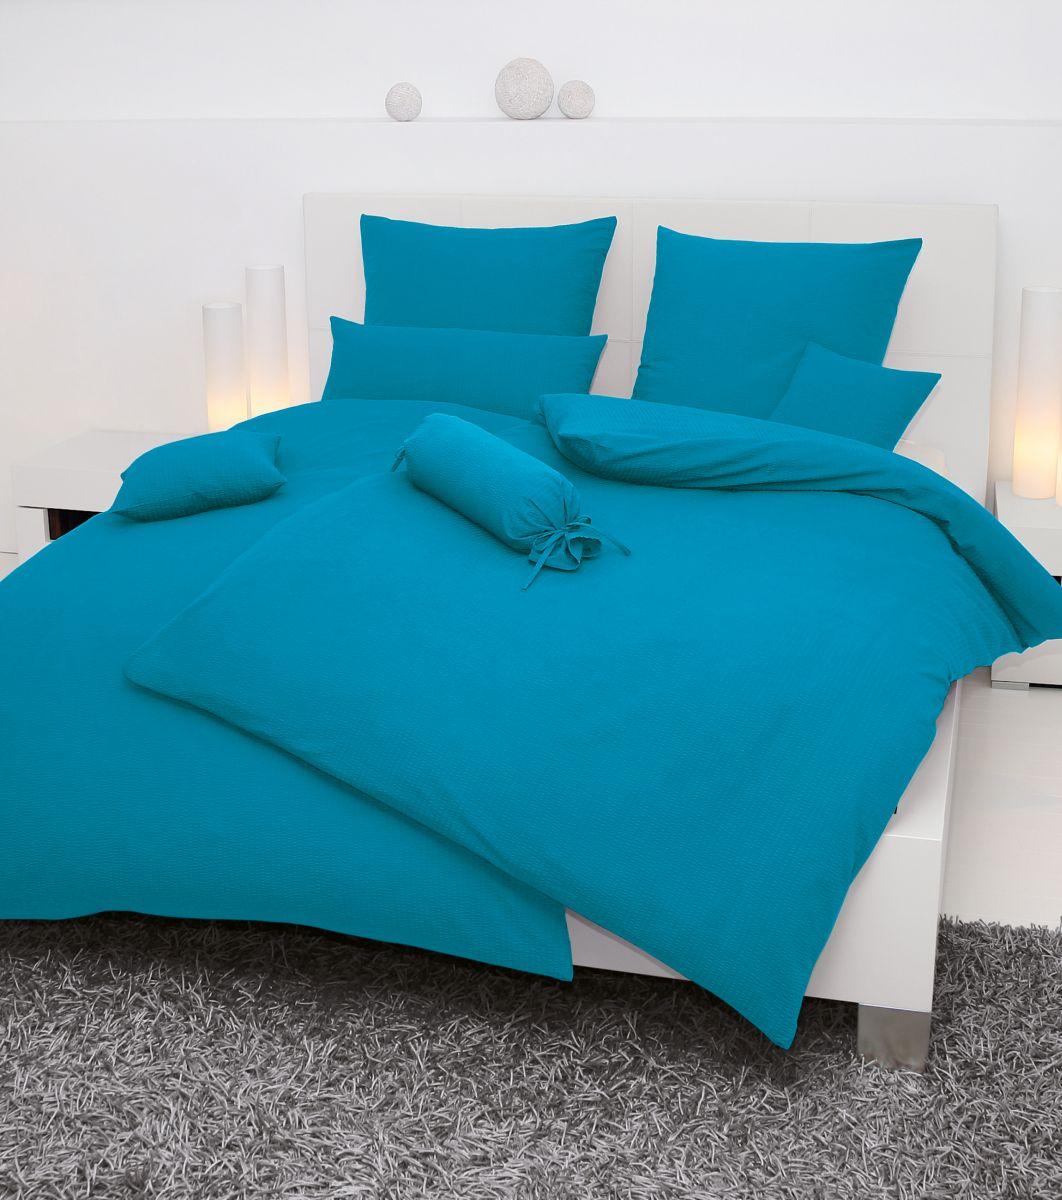 hochwertige tapeten und stoffe mako soft seersucker bettw sche piano 0125 42 decowunder. Black Bedroom Furniture Sets. Home Design Ideas